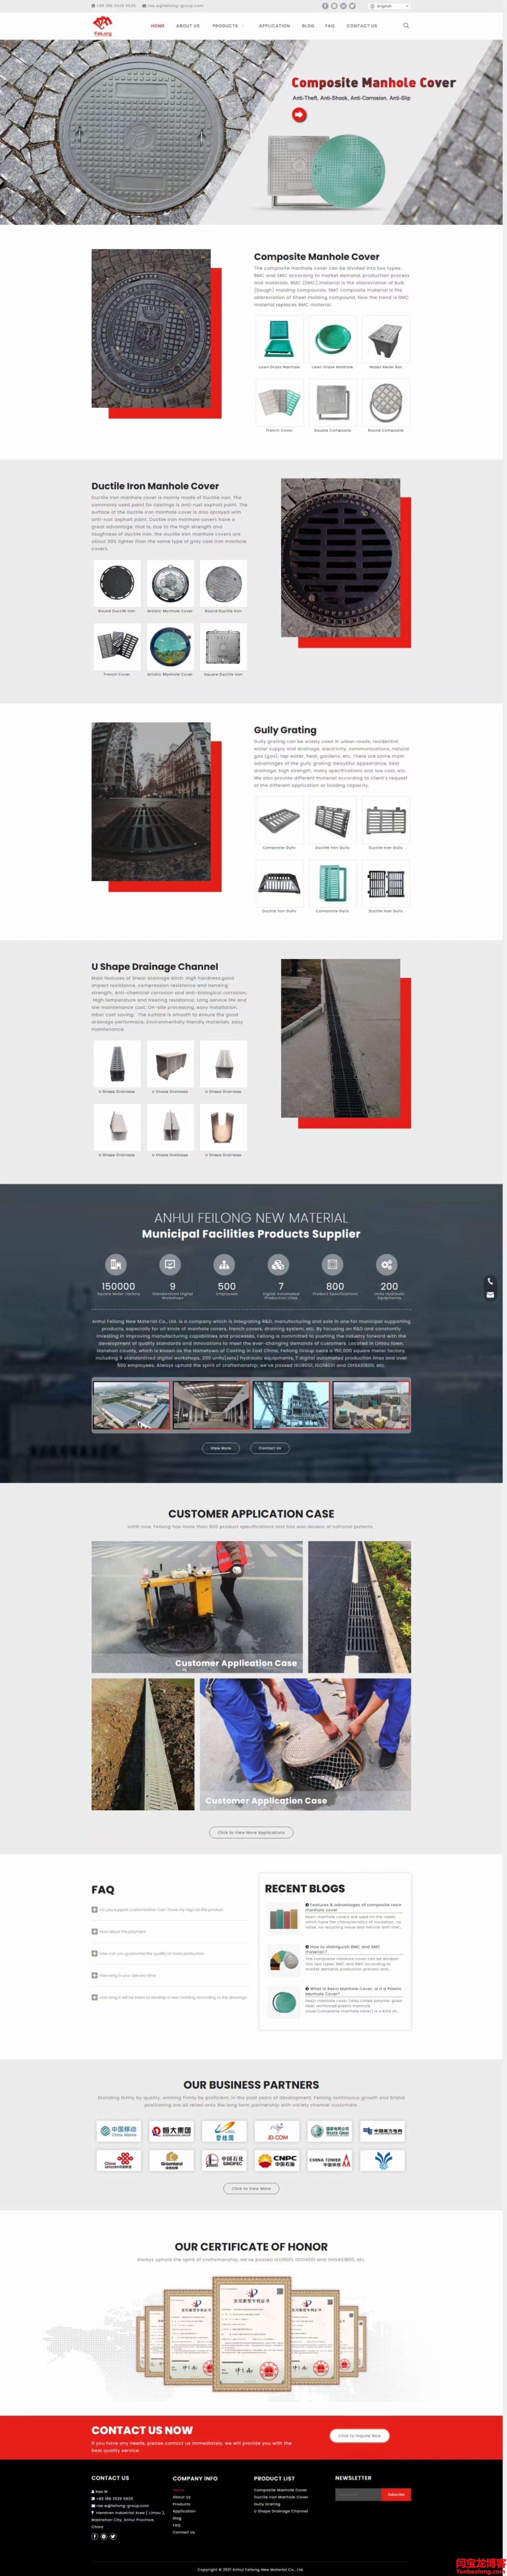 17年外贸企业品牌出海服务,多语言网站定制策划【案例赏析】